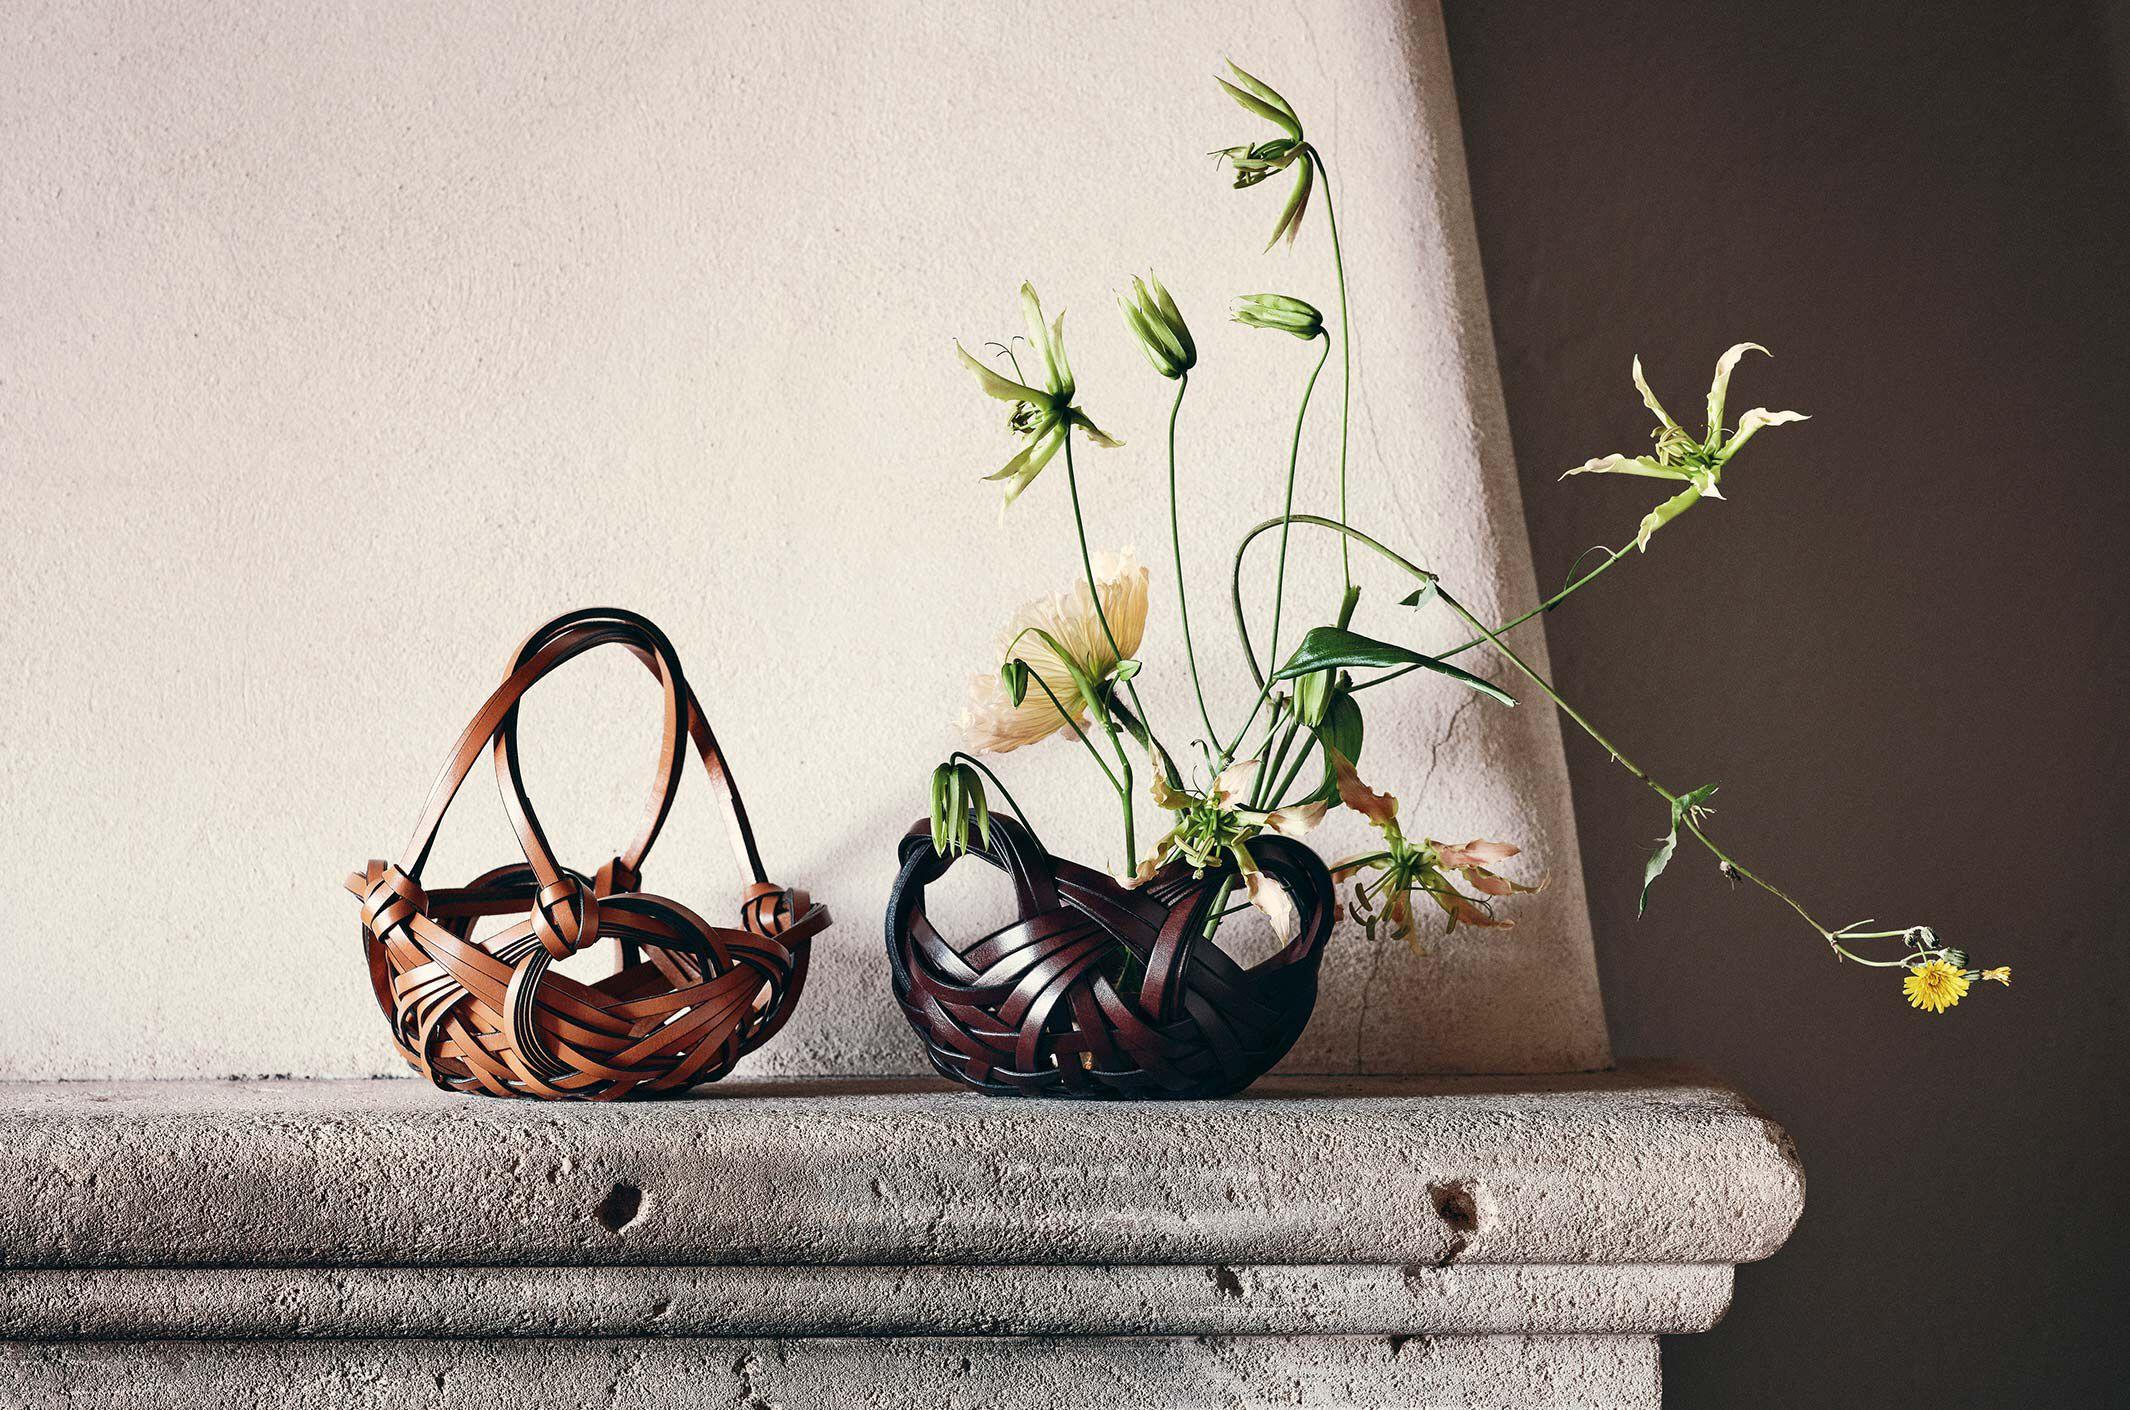 Piezas diseñadas por Shizo Okino para Loewe